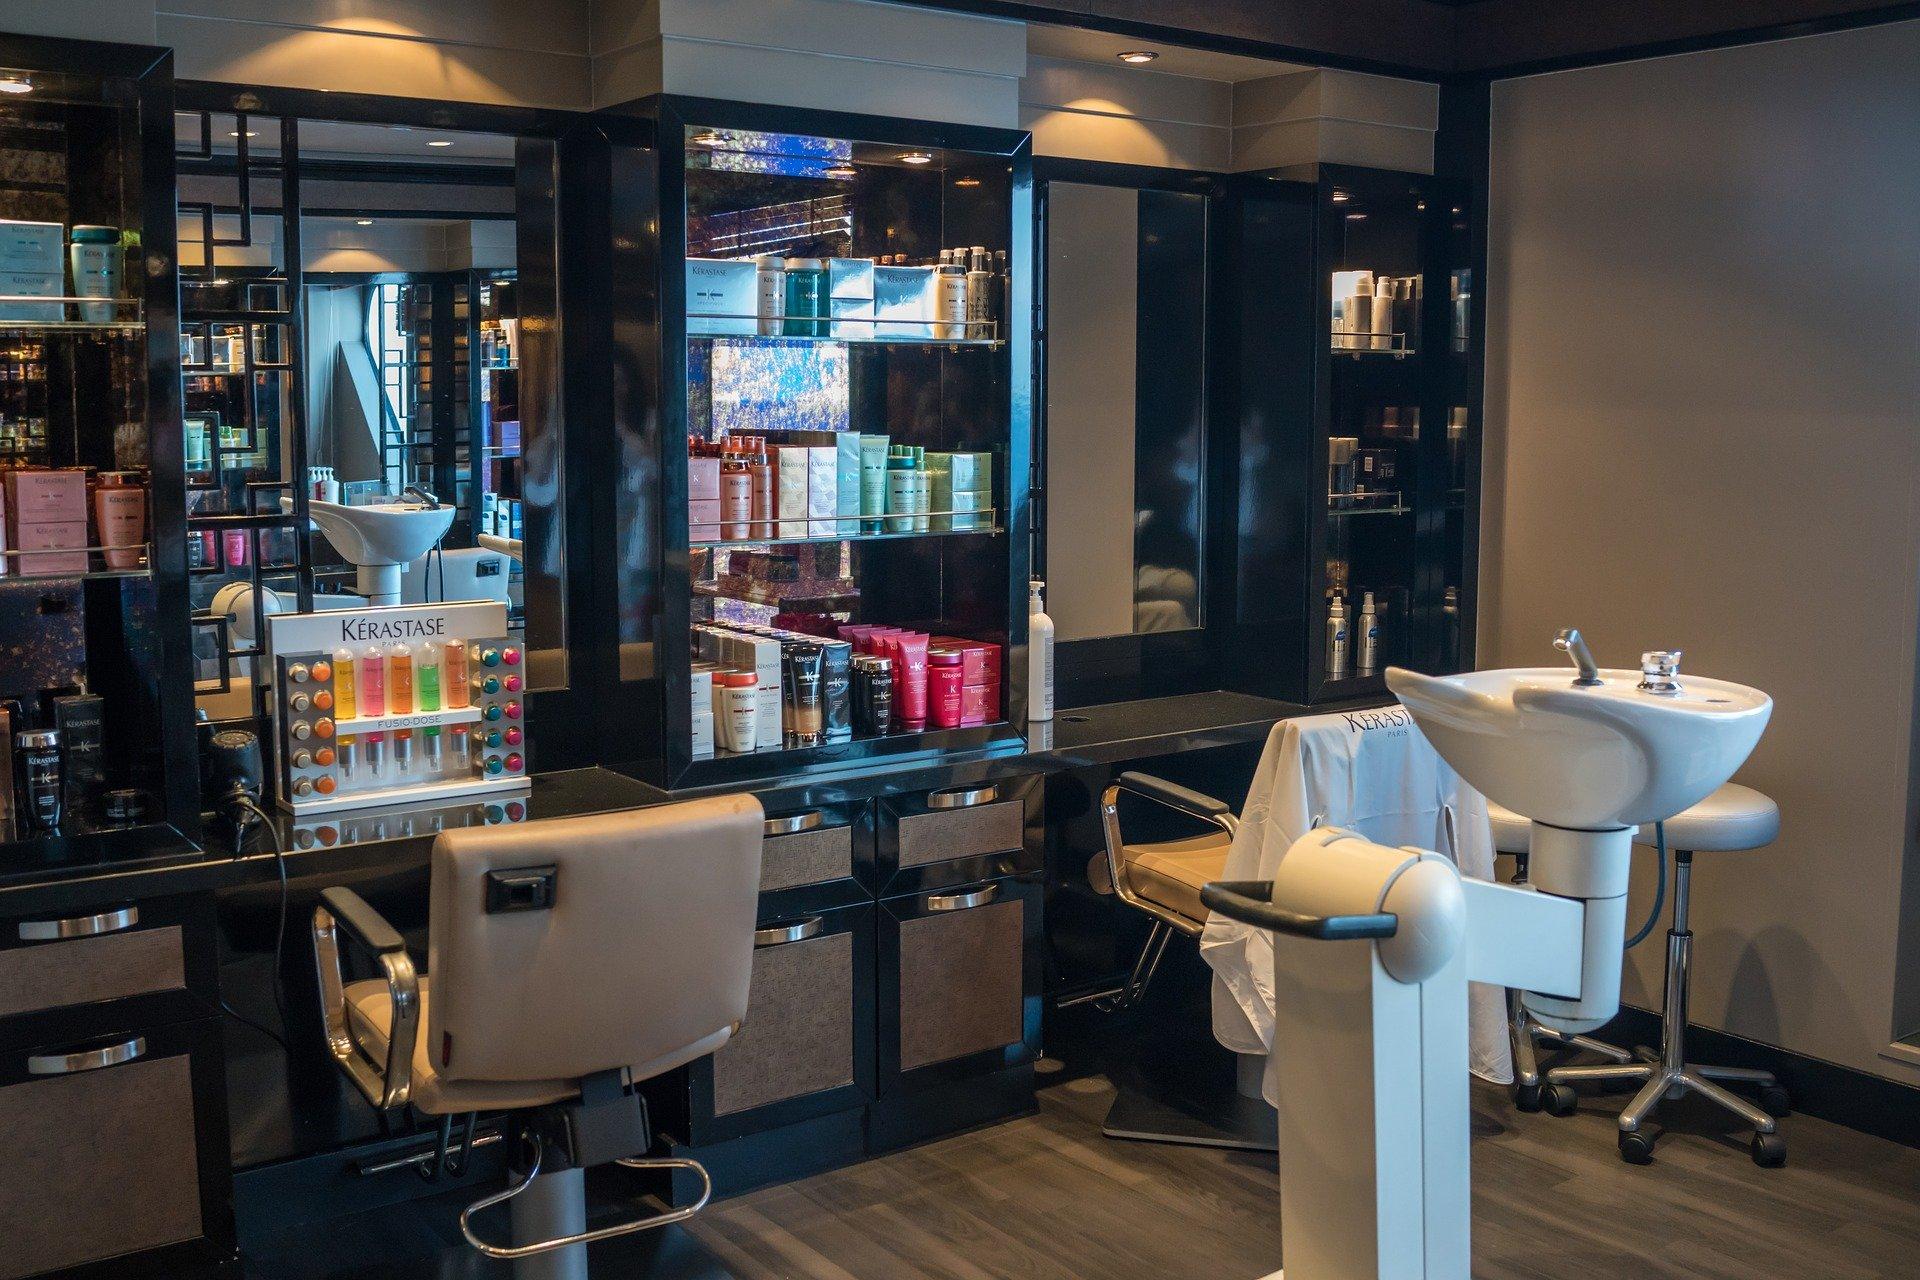 Nowe restrykcje od 27 marca. Zamknięte m.in. żłobki, duże sklepy i usługi fryzjerskie